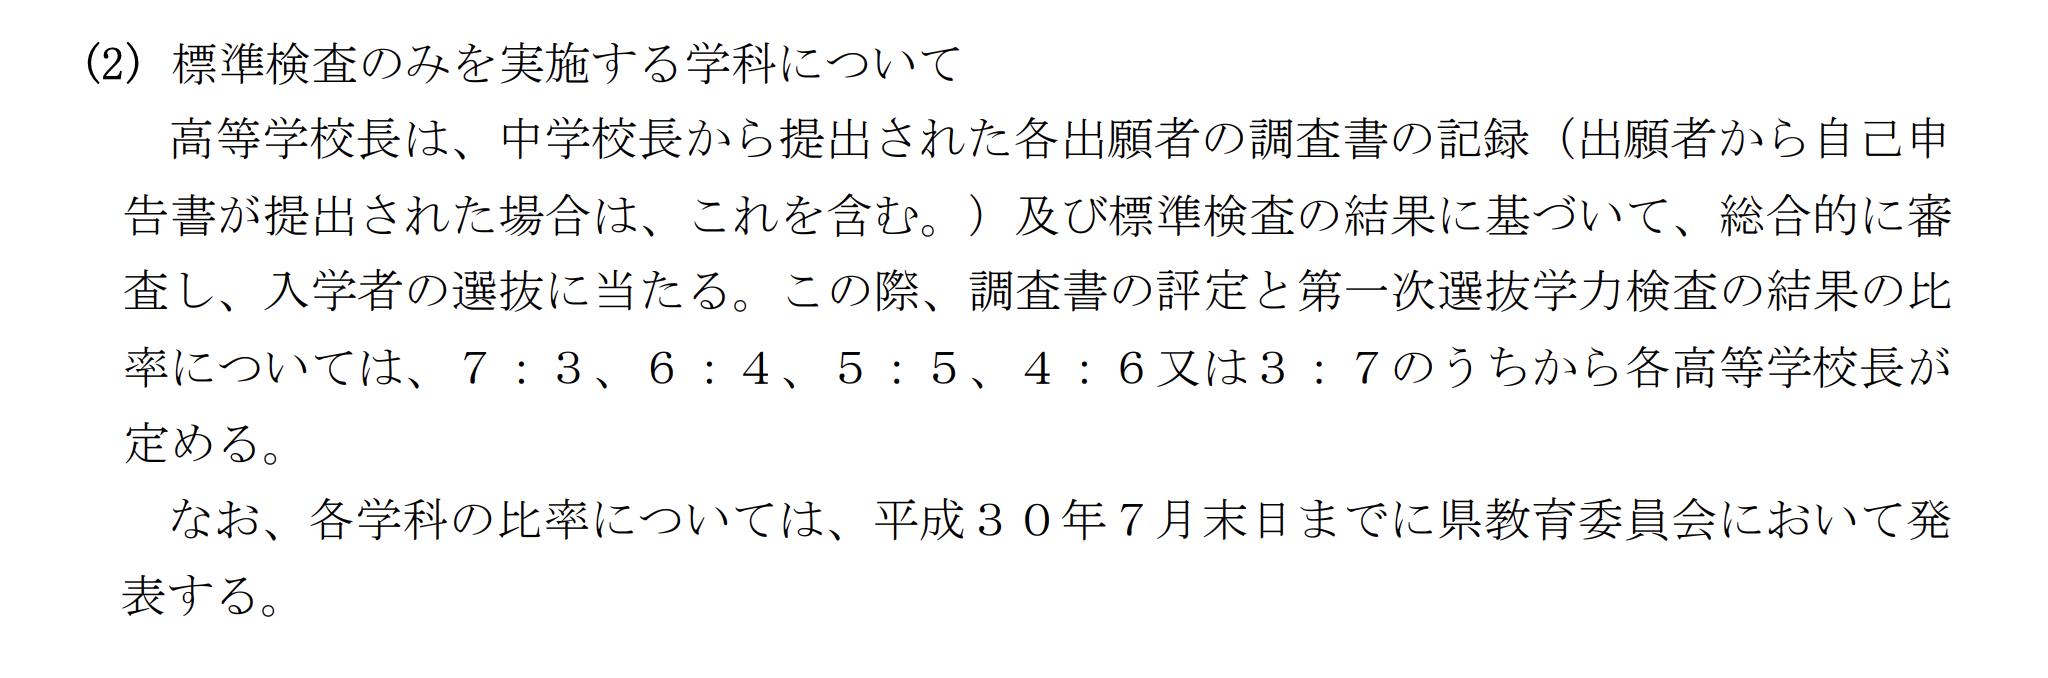 岐阜県公立高校入試制度2